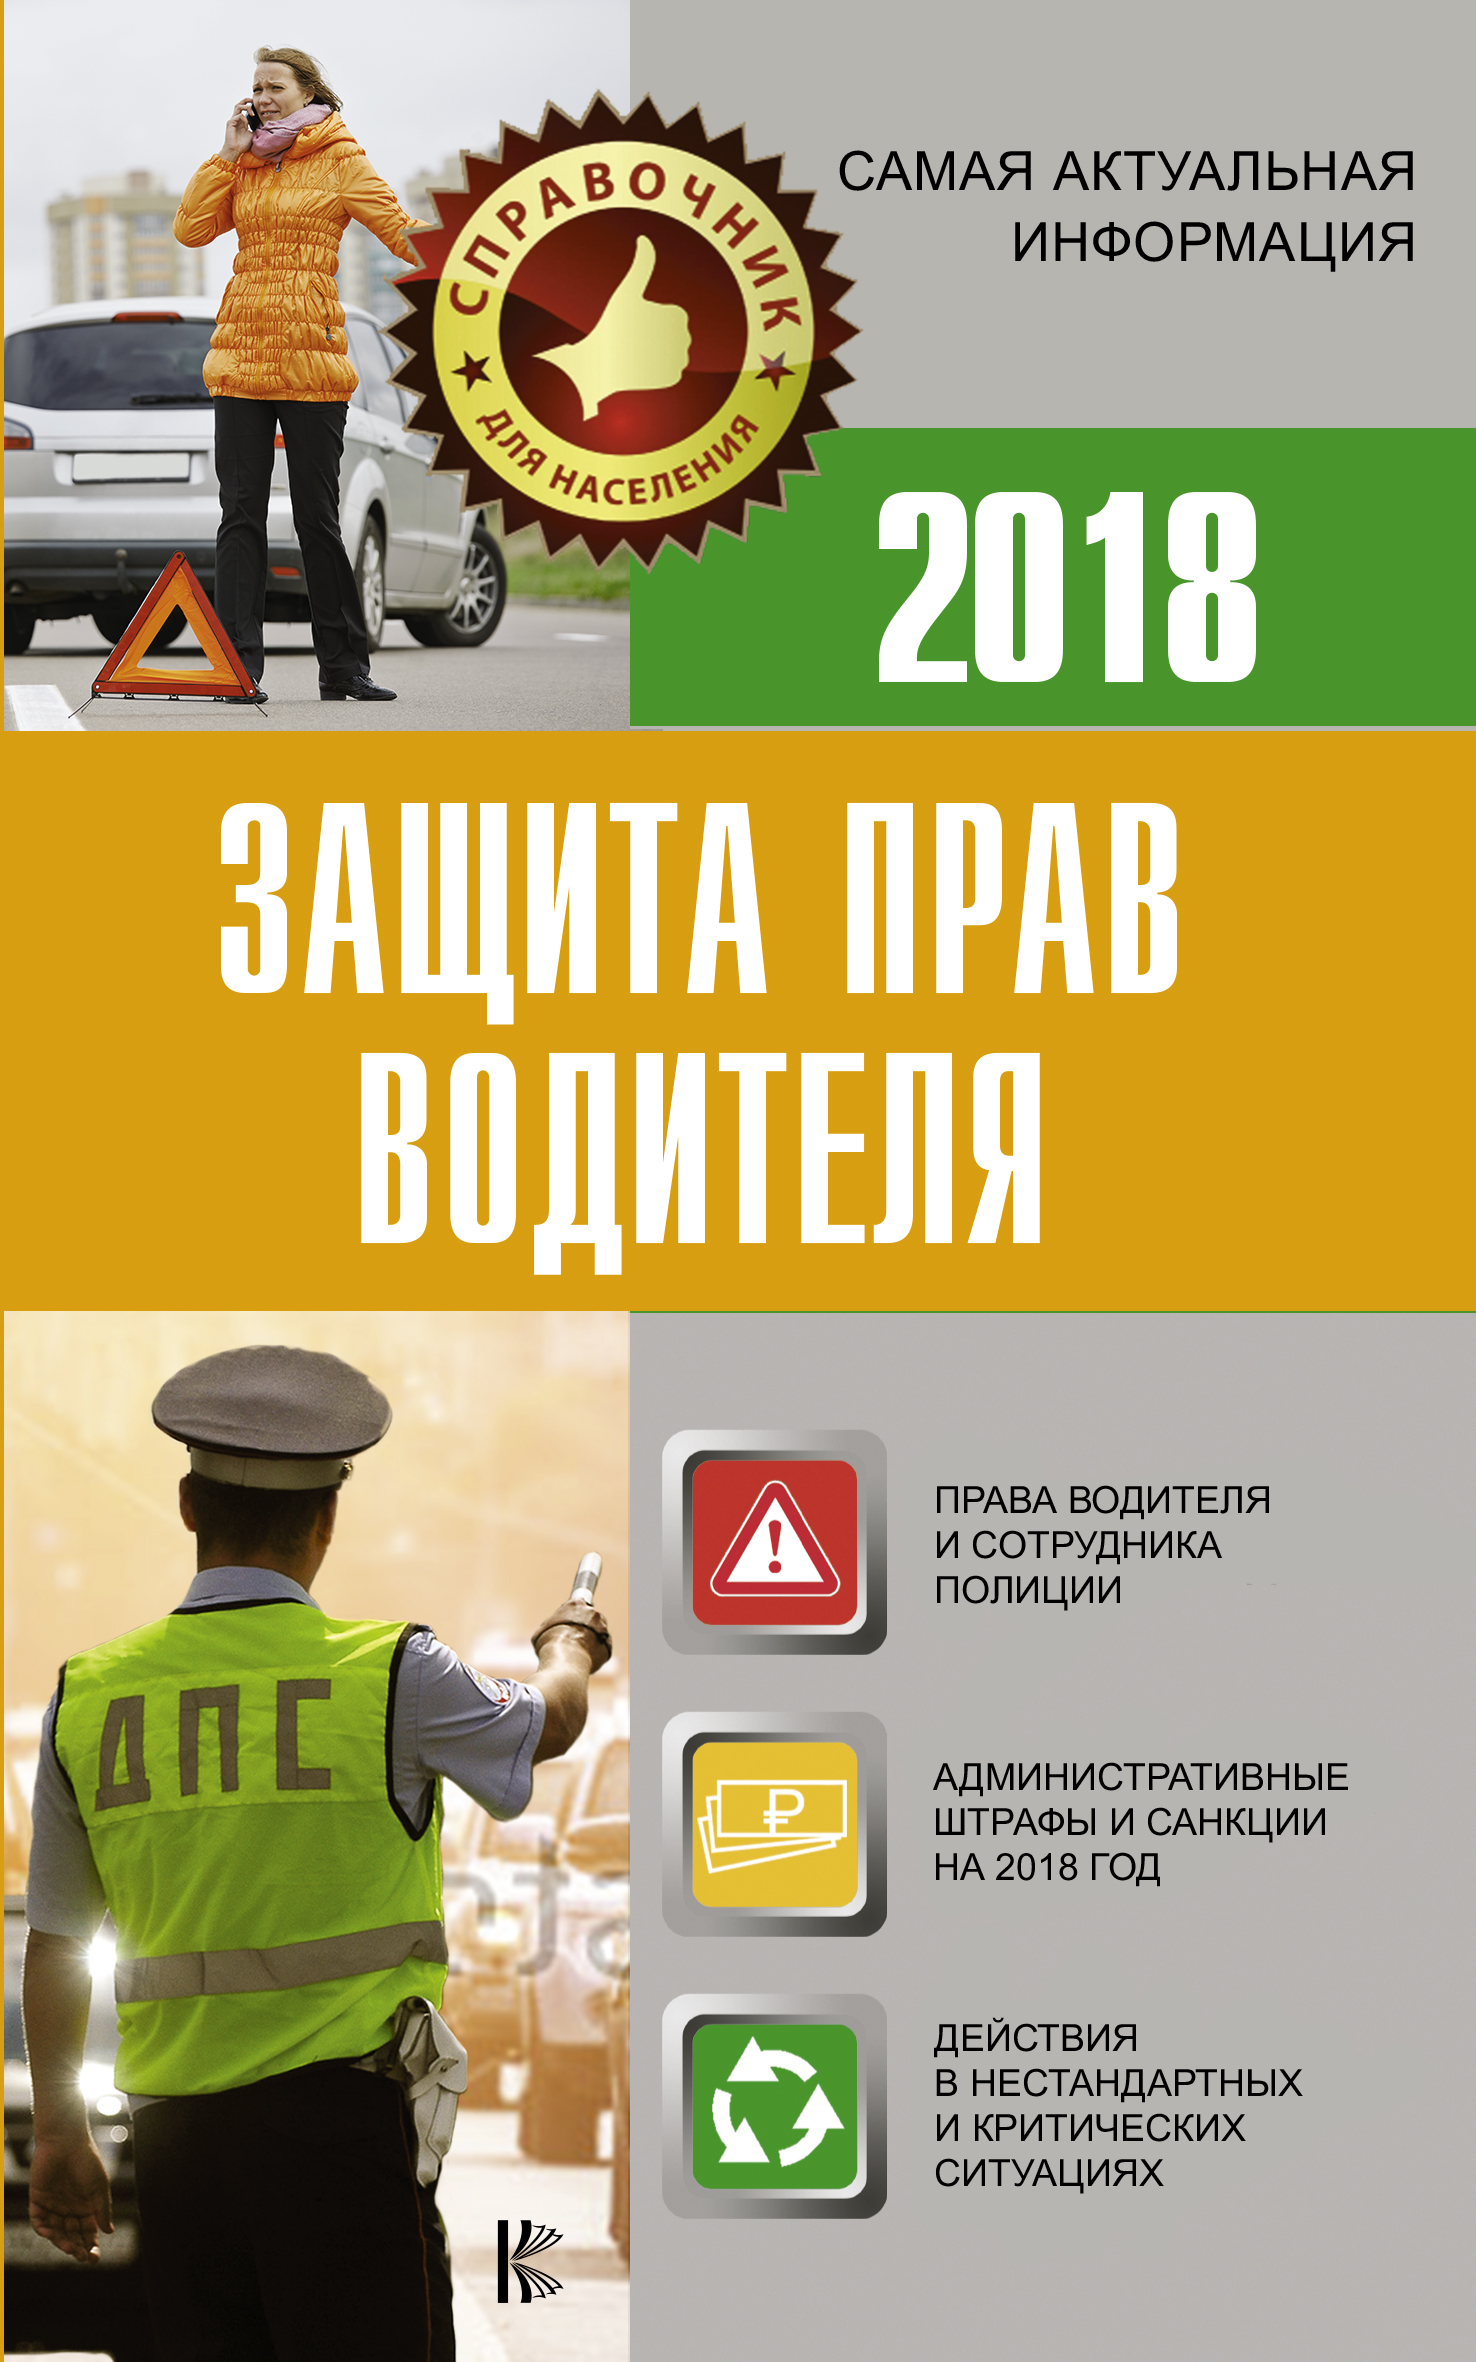 Защита прав водителя 2018 плакаты и макеты по правилам дорожного движения где купить в спб